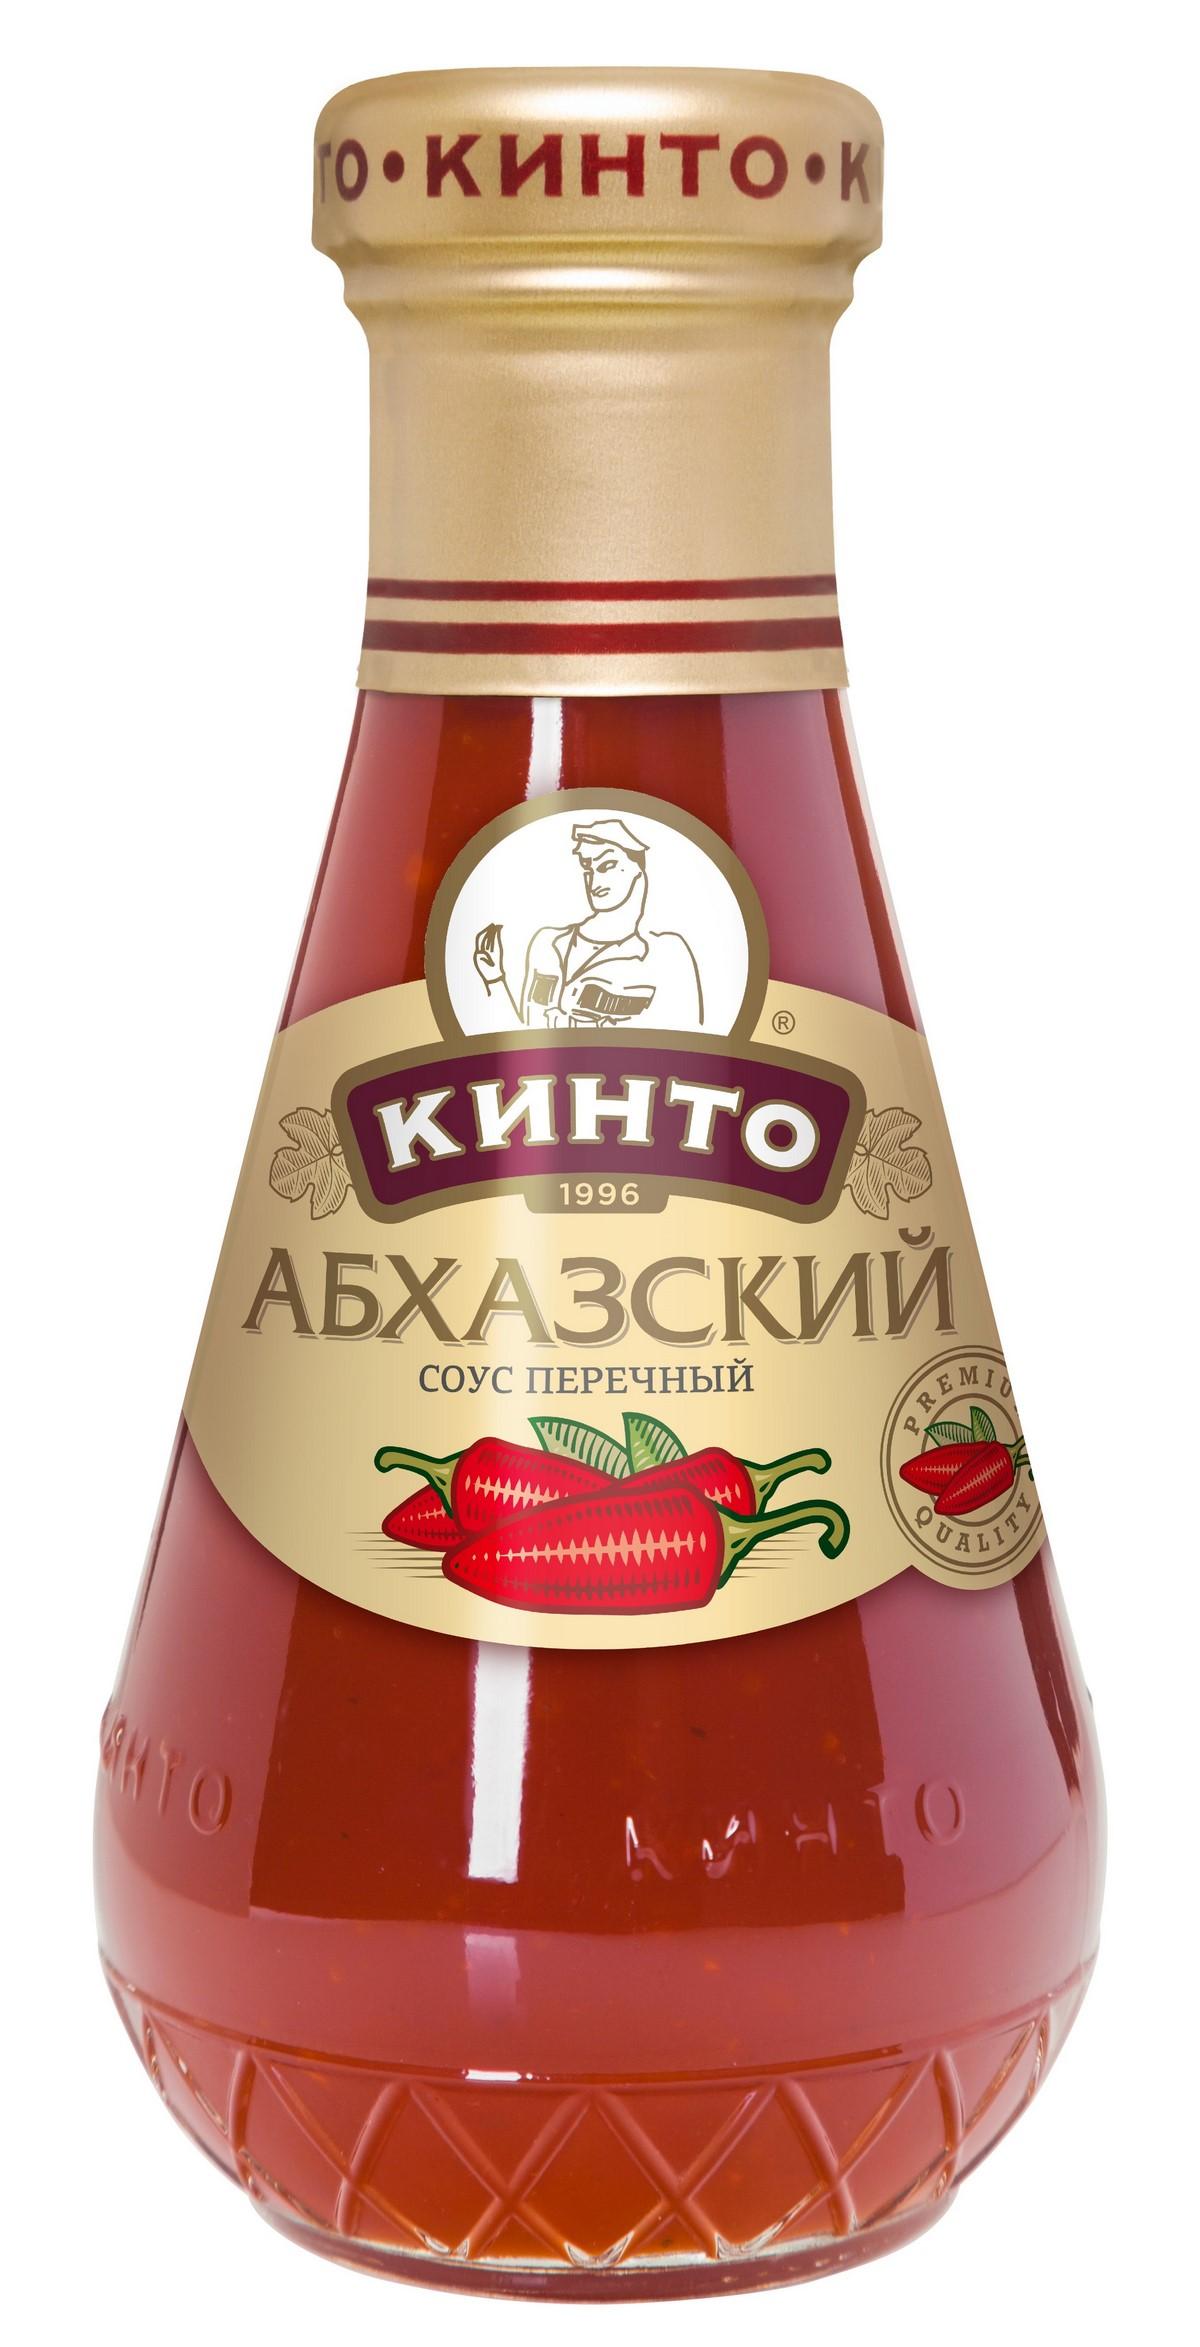 Кинто Соус перечный Абхазский мини Кинто